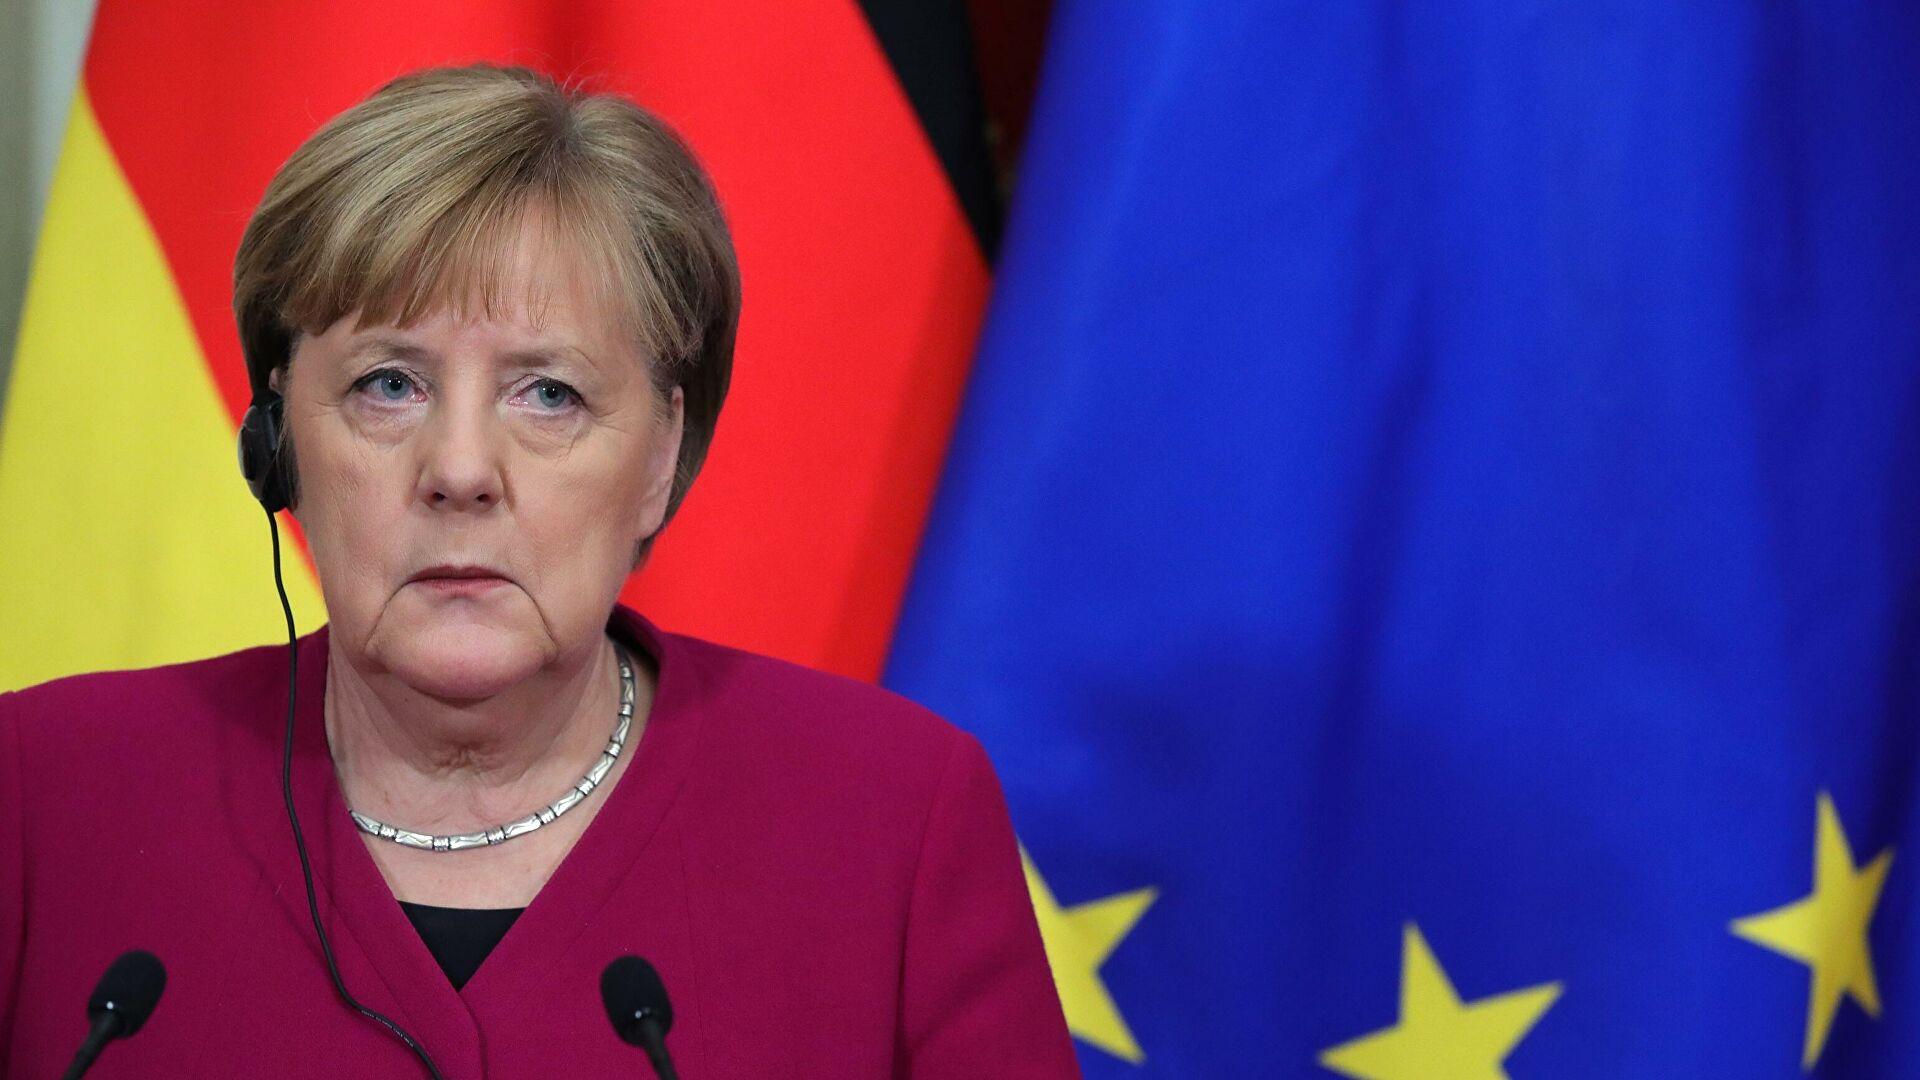 Меркелова позвала на прекинд борбених дејства и обнови преговора у Нагорно Карабаху